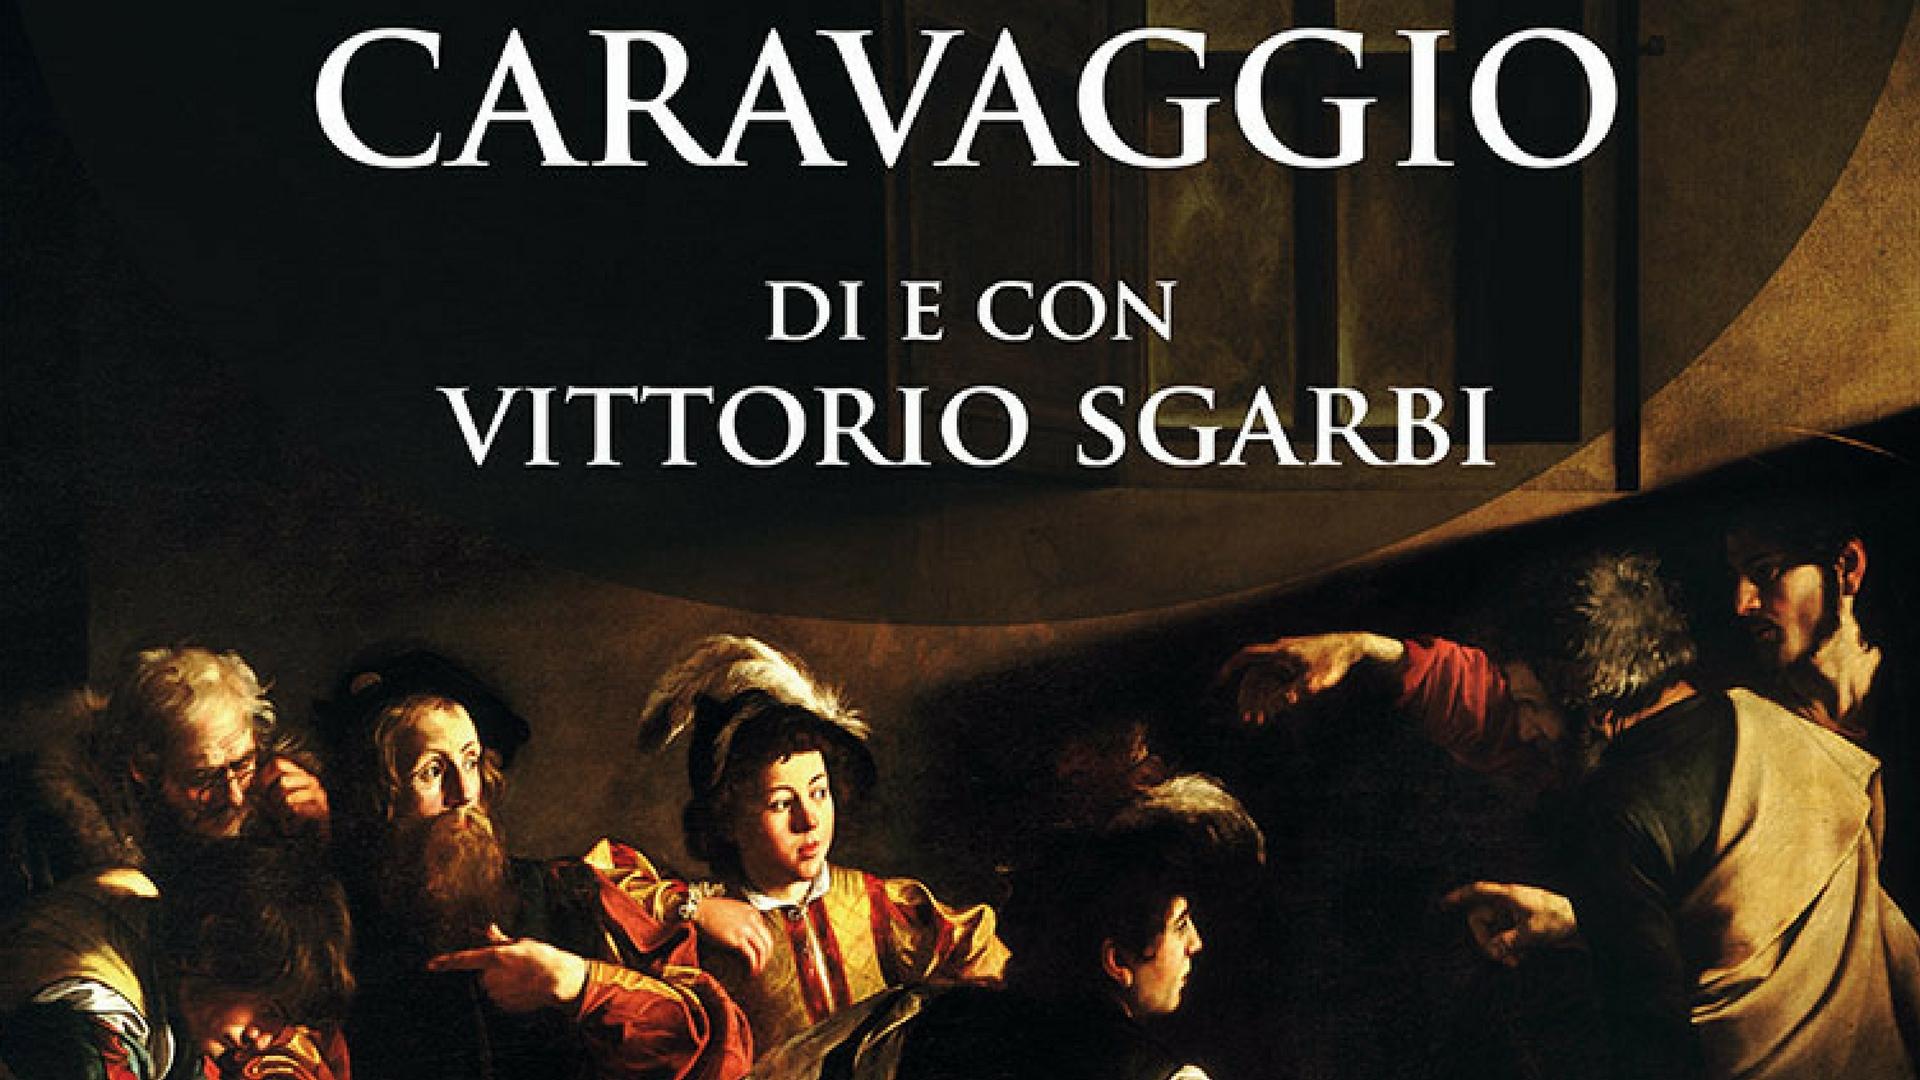 Caravaggio – di e con Vittorio Sgarbi – Cinema Zenith Casalmaggiore